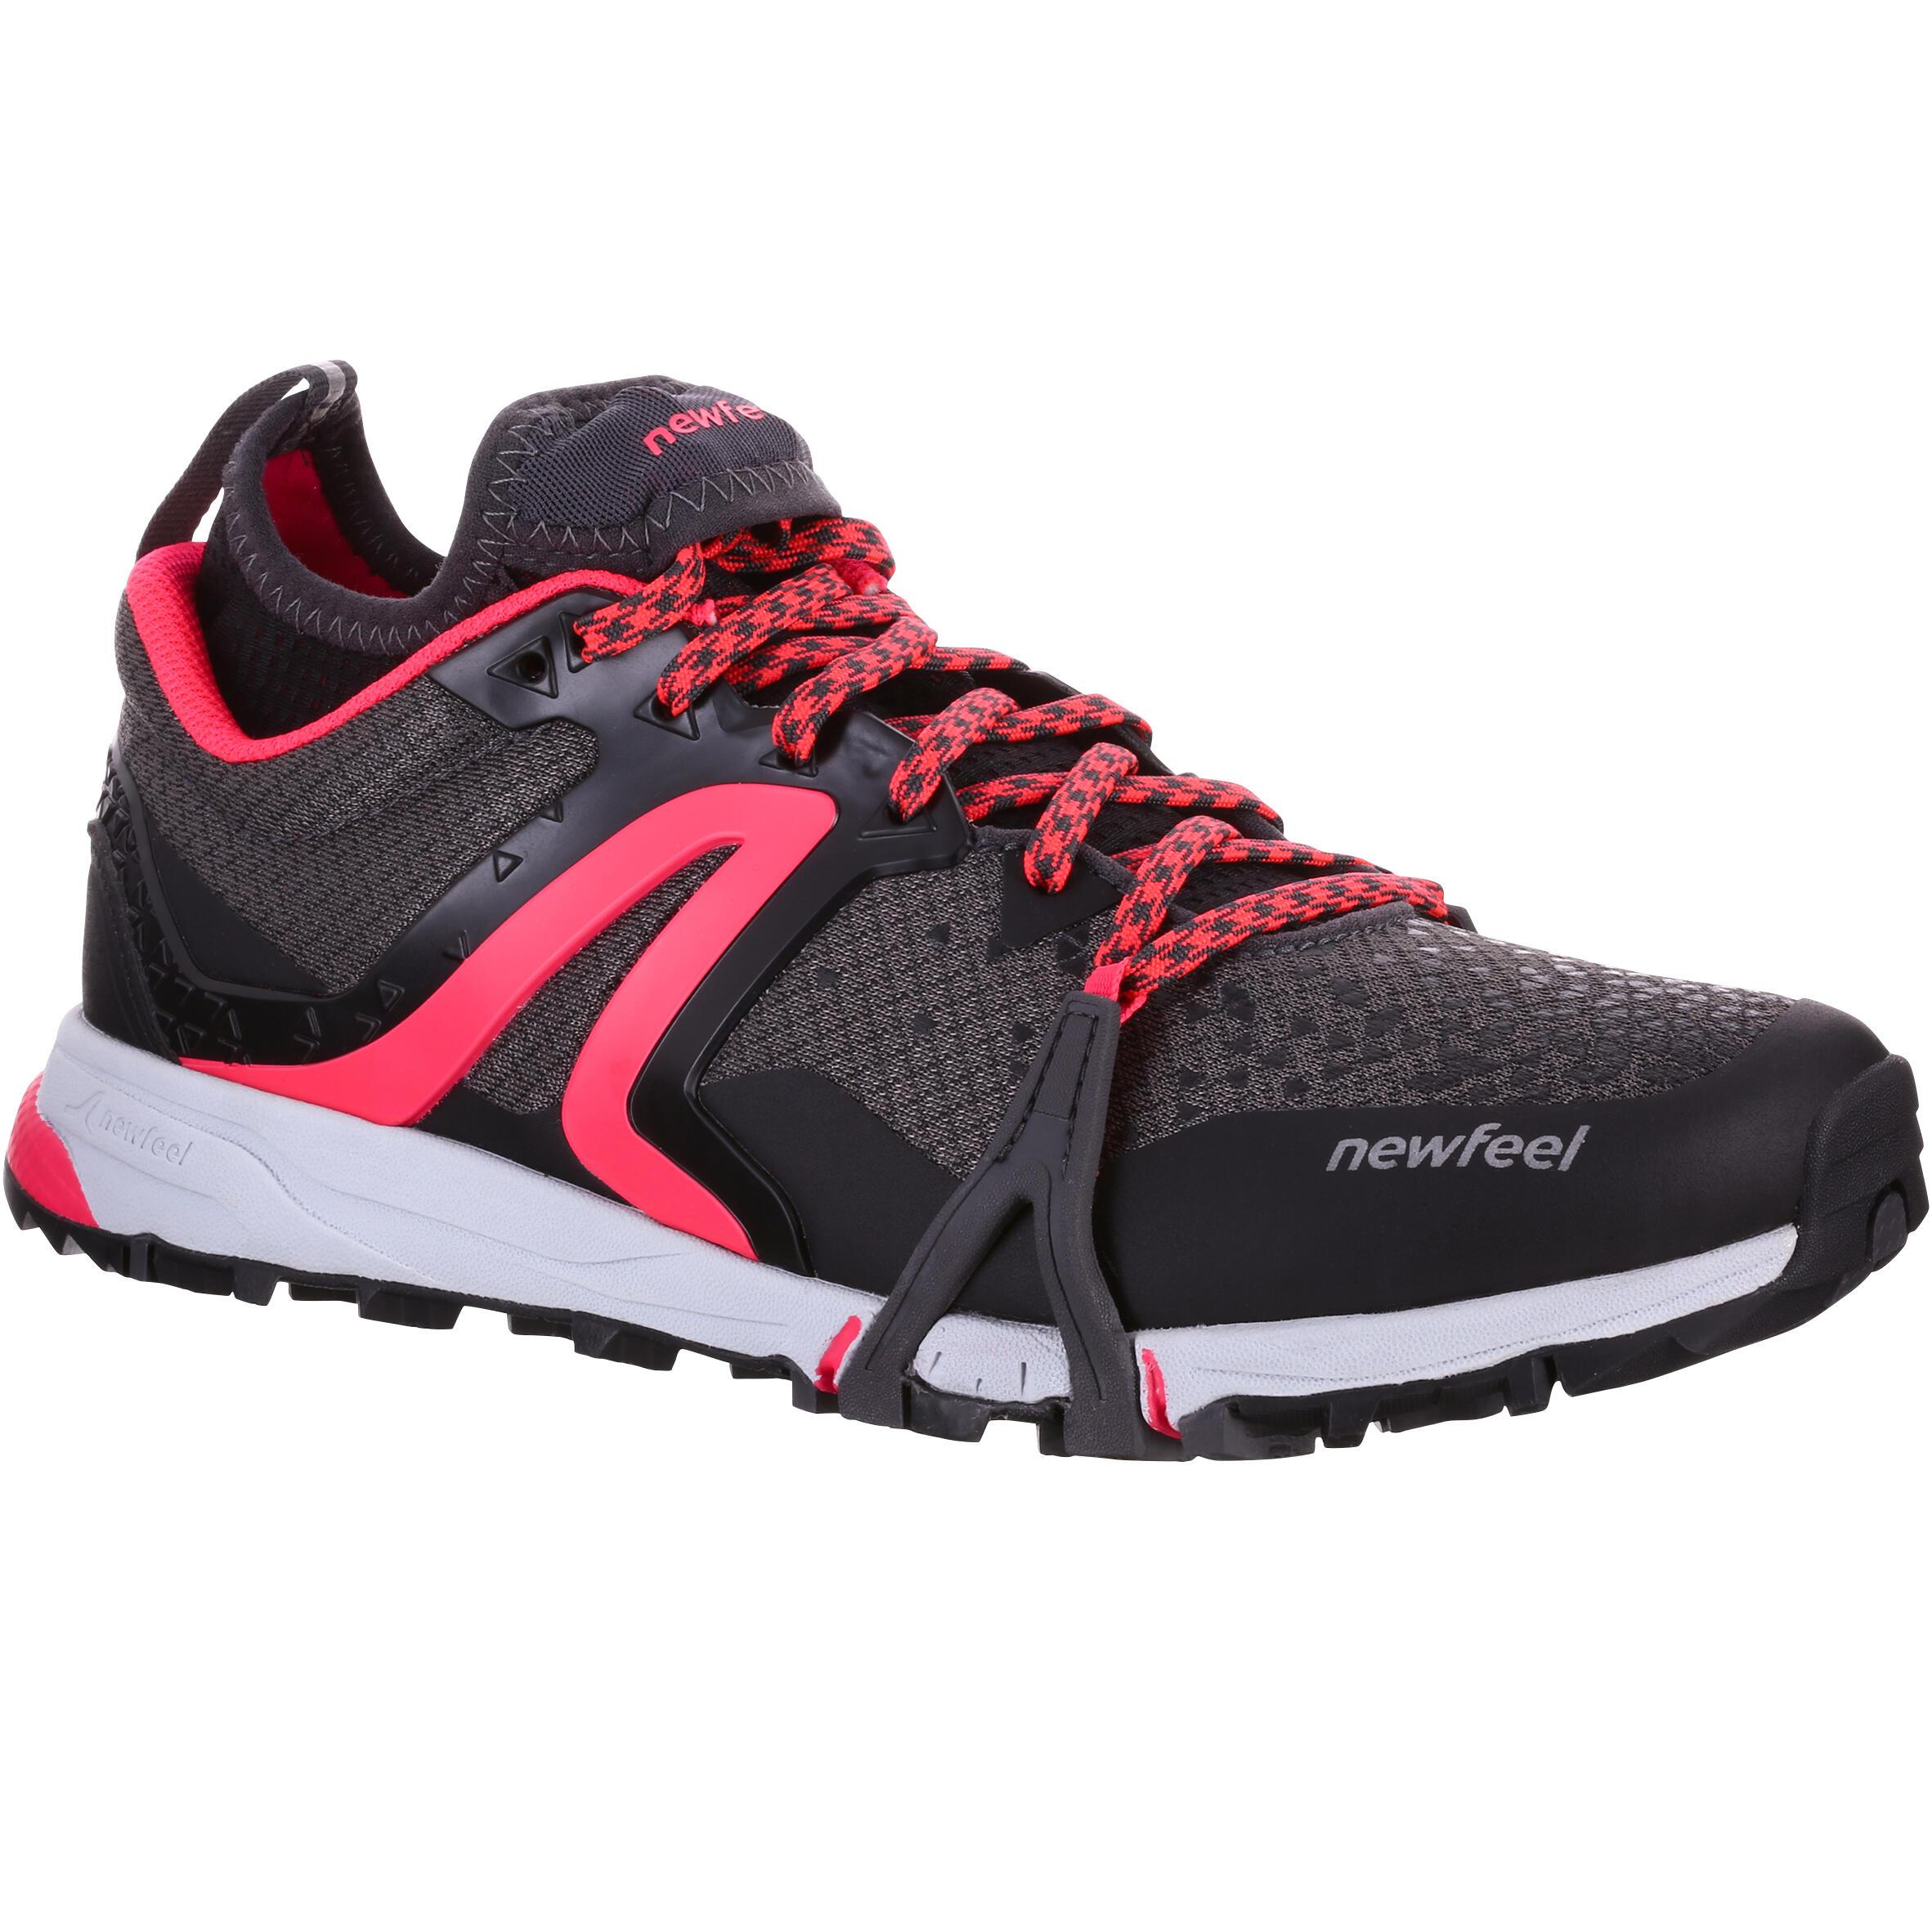 Newfeel Nordic walking schoenen voor dames NW 900 Flex-H zwart / roze